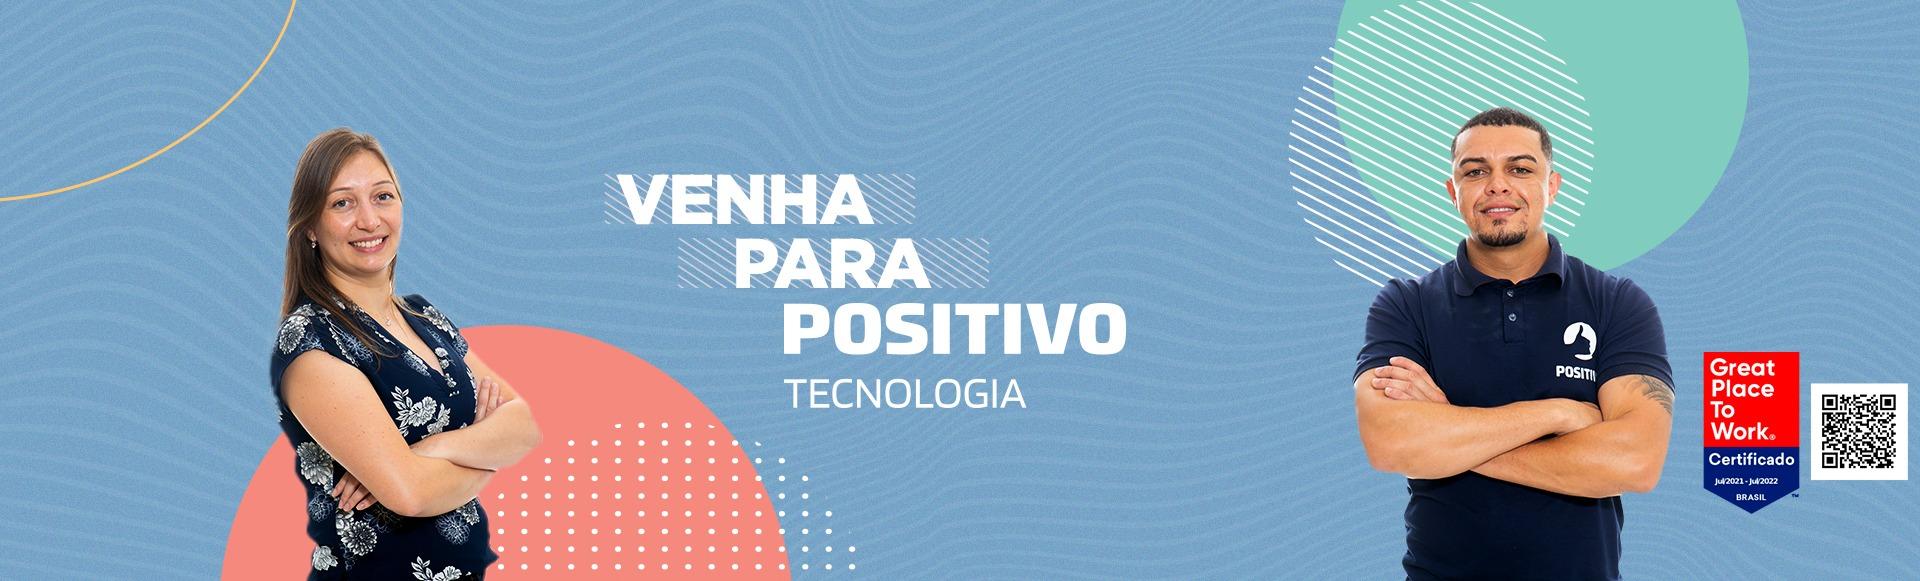 TECNICO EM INFORMATICA - PRIMEIRO EMPREGO (SÃO PAULO/SP)